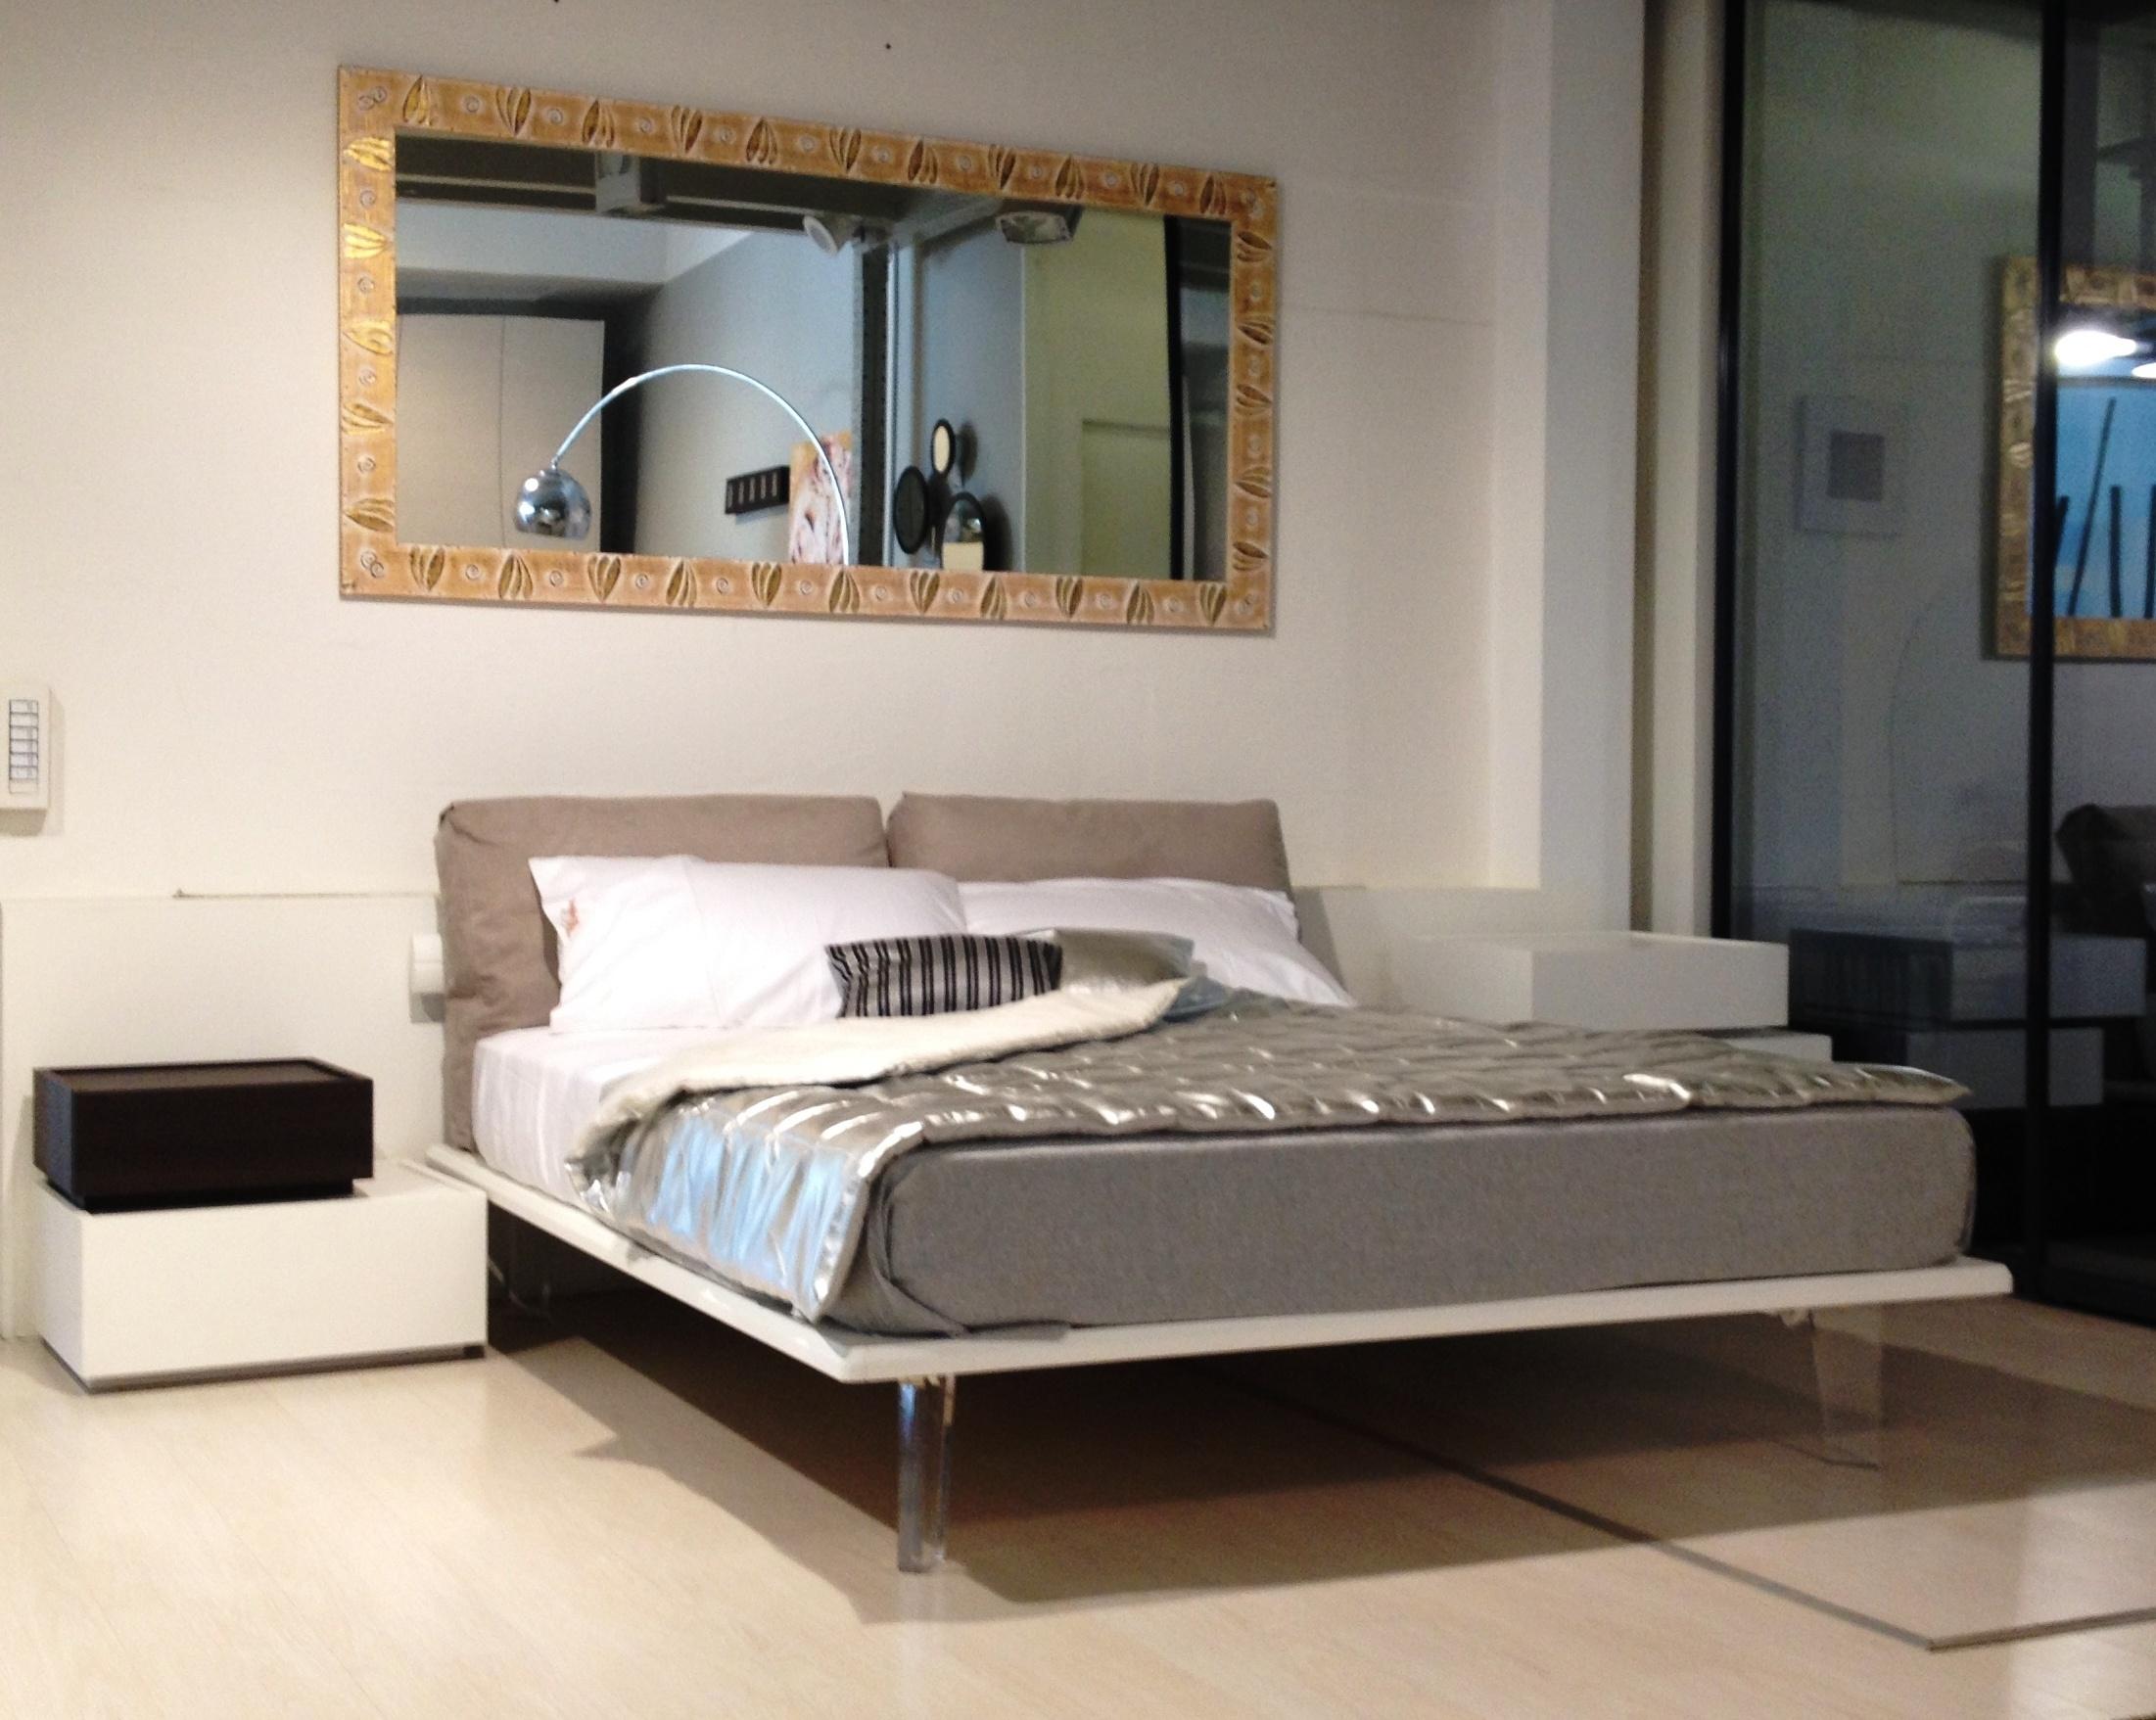 Terrazza vasi disegno for Camere da letto vendita on line